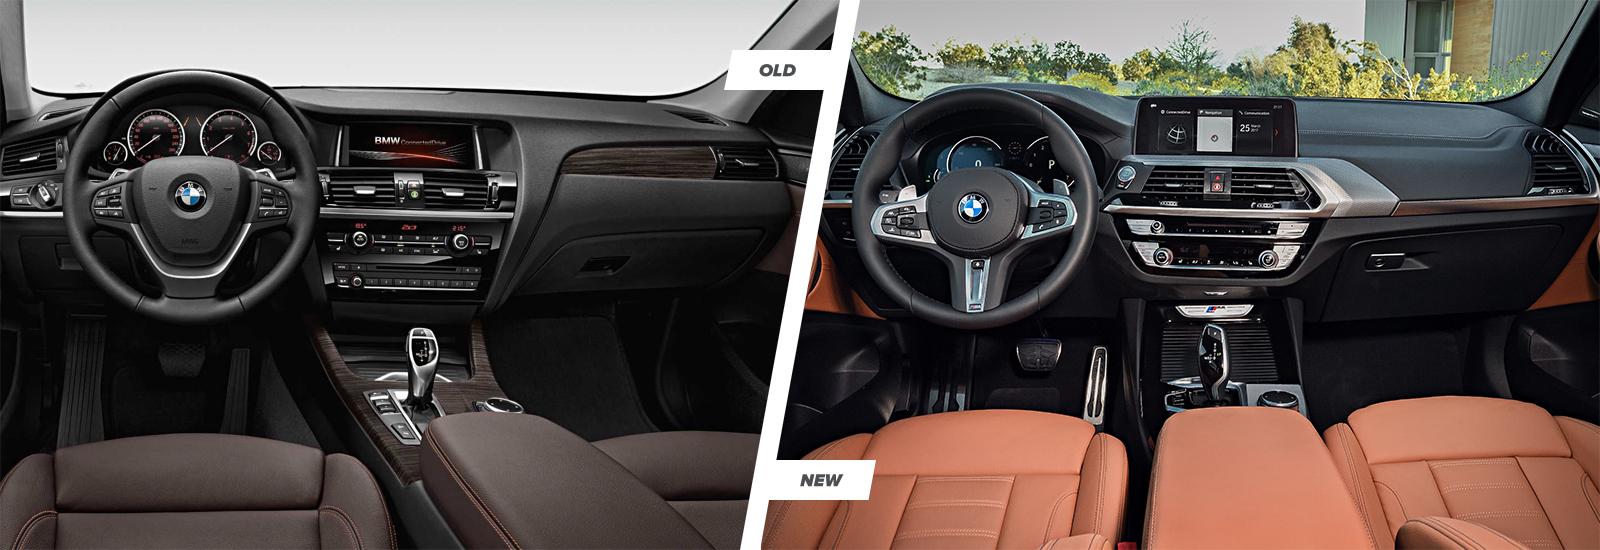 2018 bmw q3. beautiful bmw 2018 bmw x3 interior to bmw q3